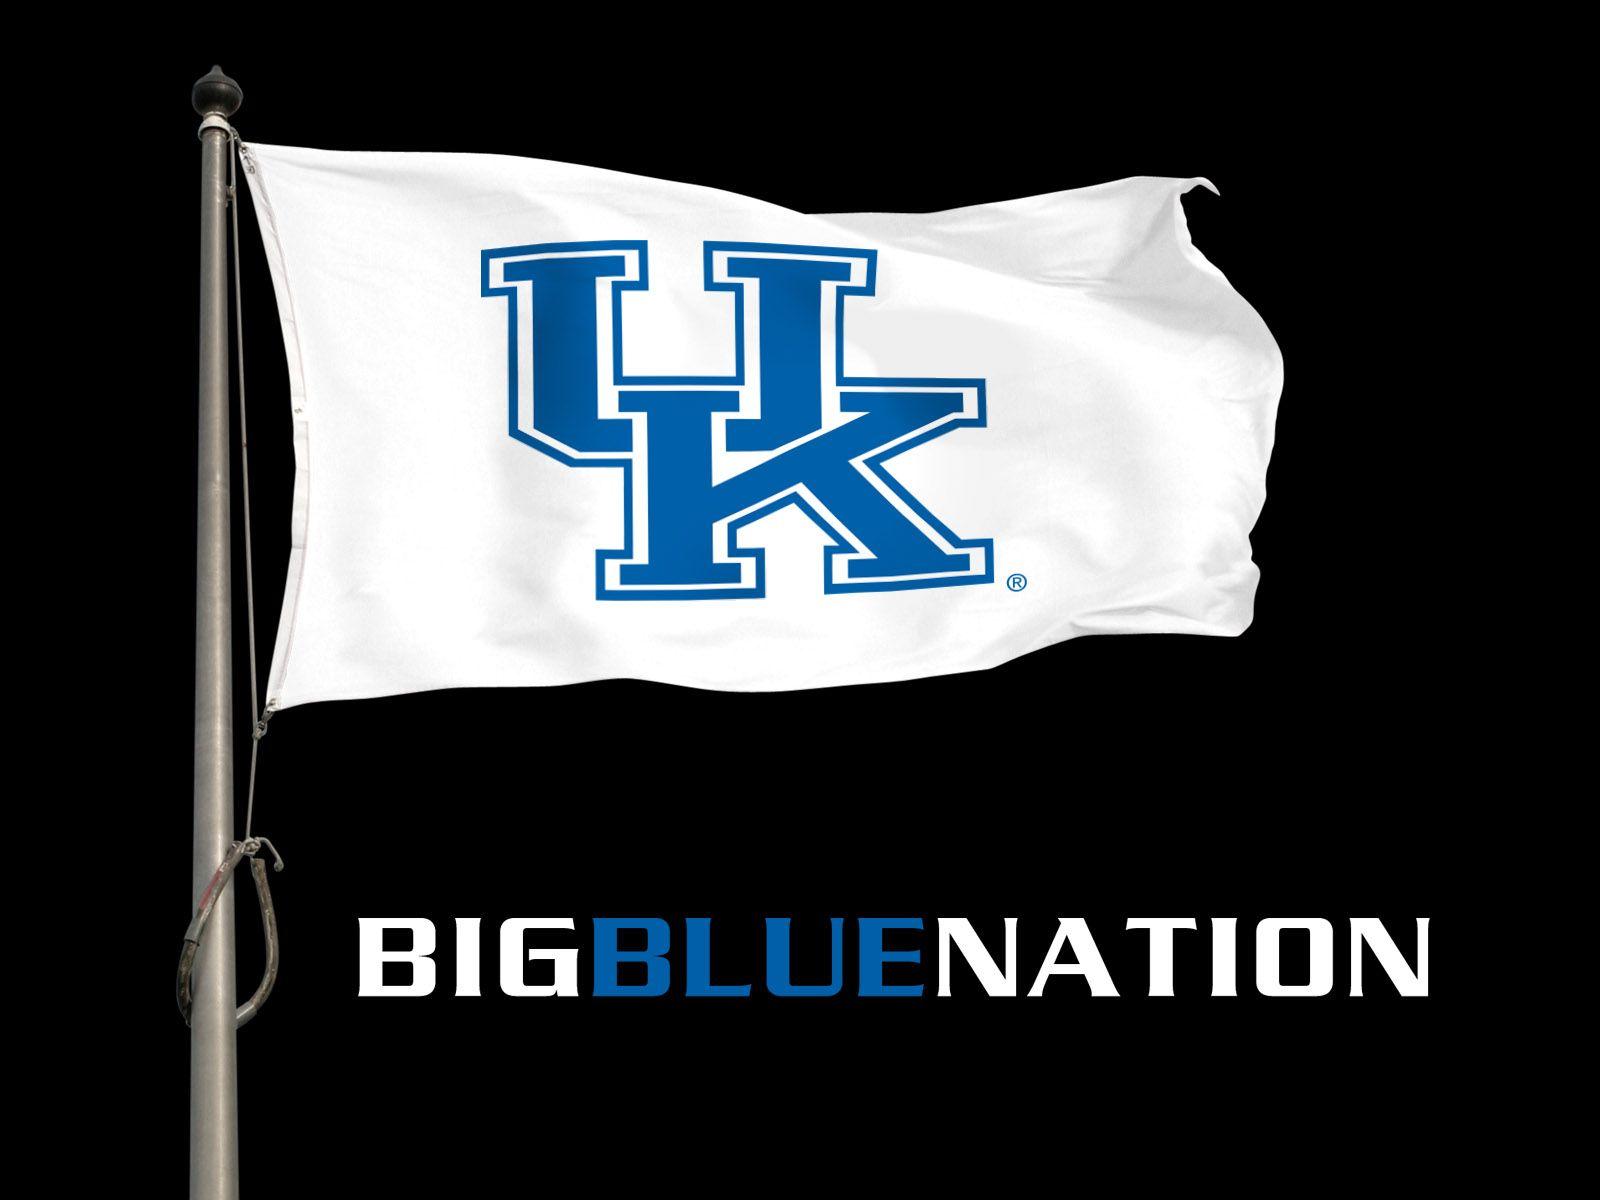 Kentucky Wildcats Wallpapers Download Free